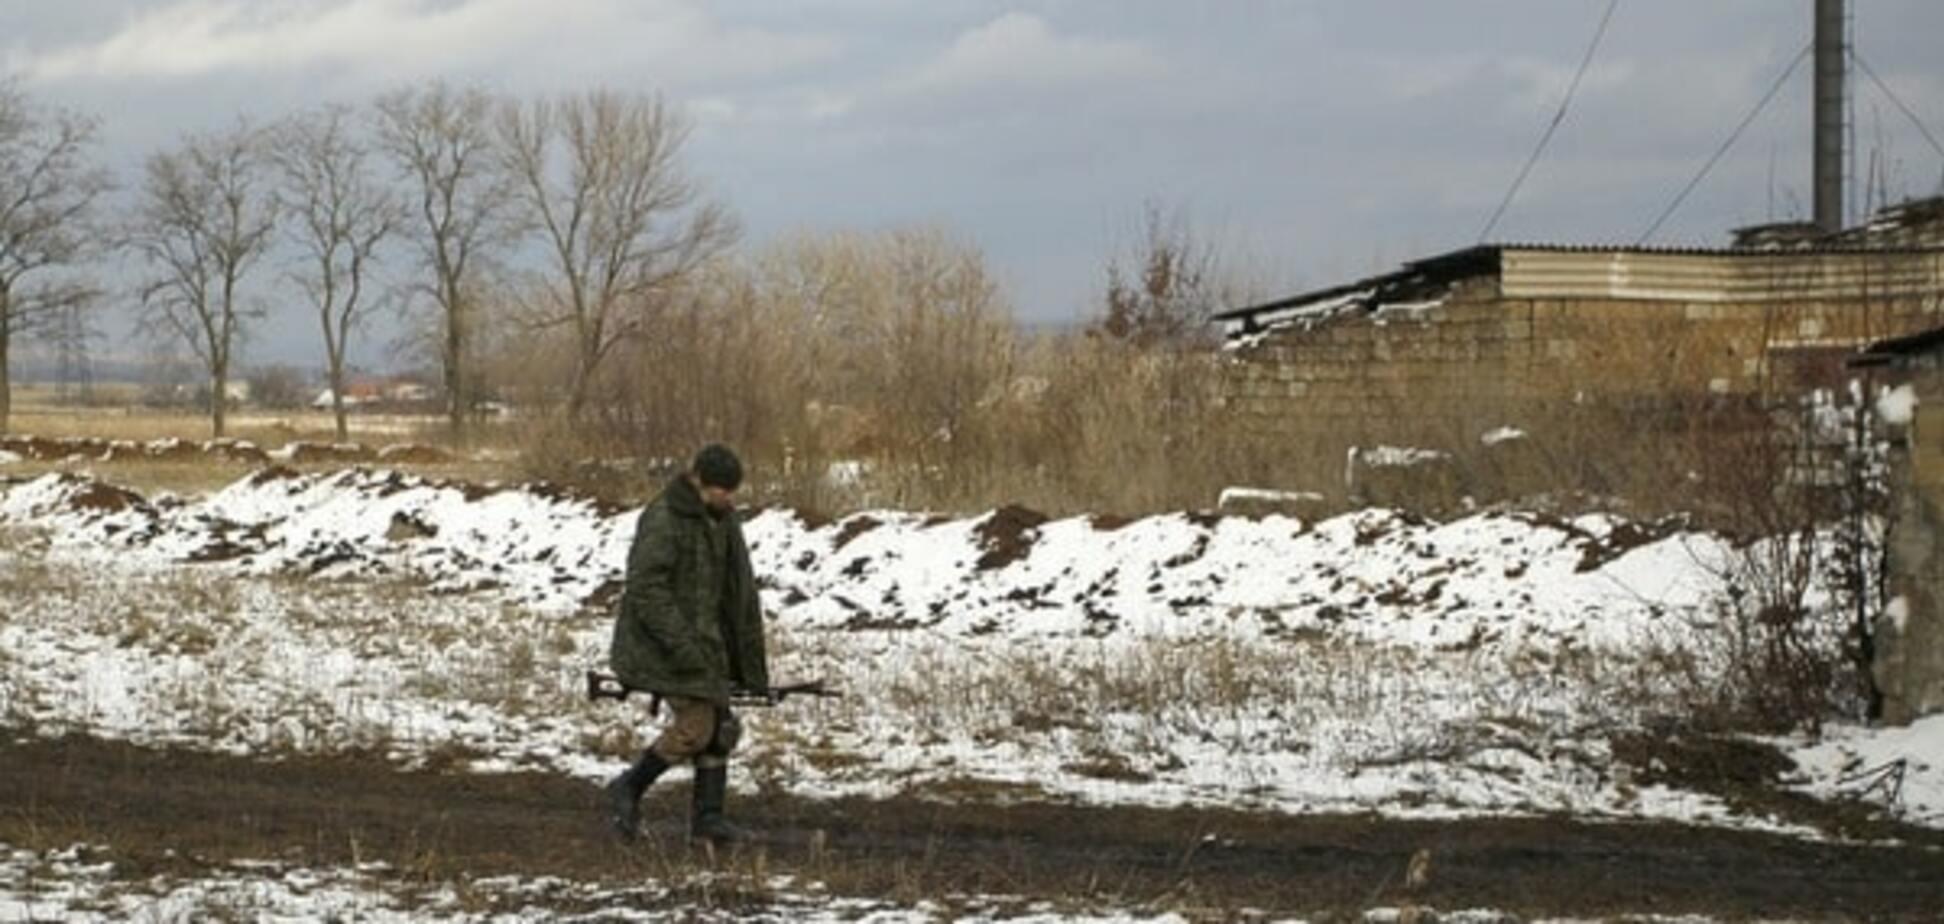 Терористи готують провокації на Донбасі із застосуванням танків - Міноборони